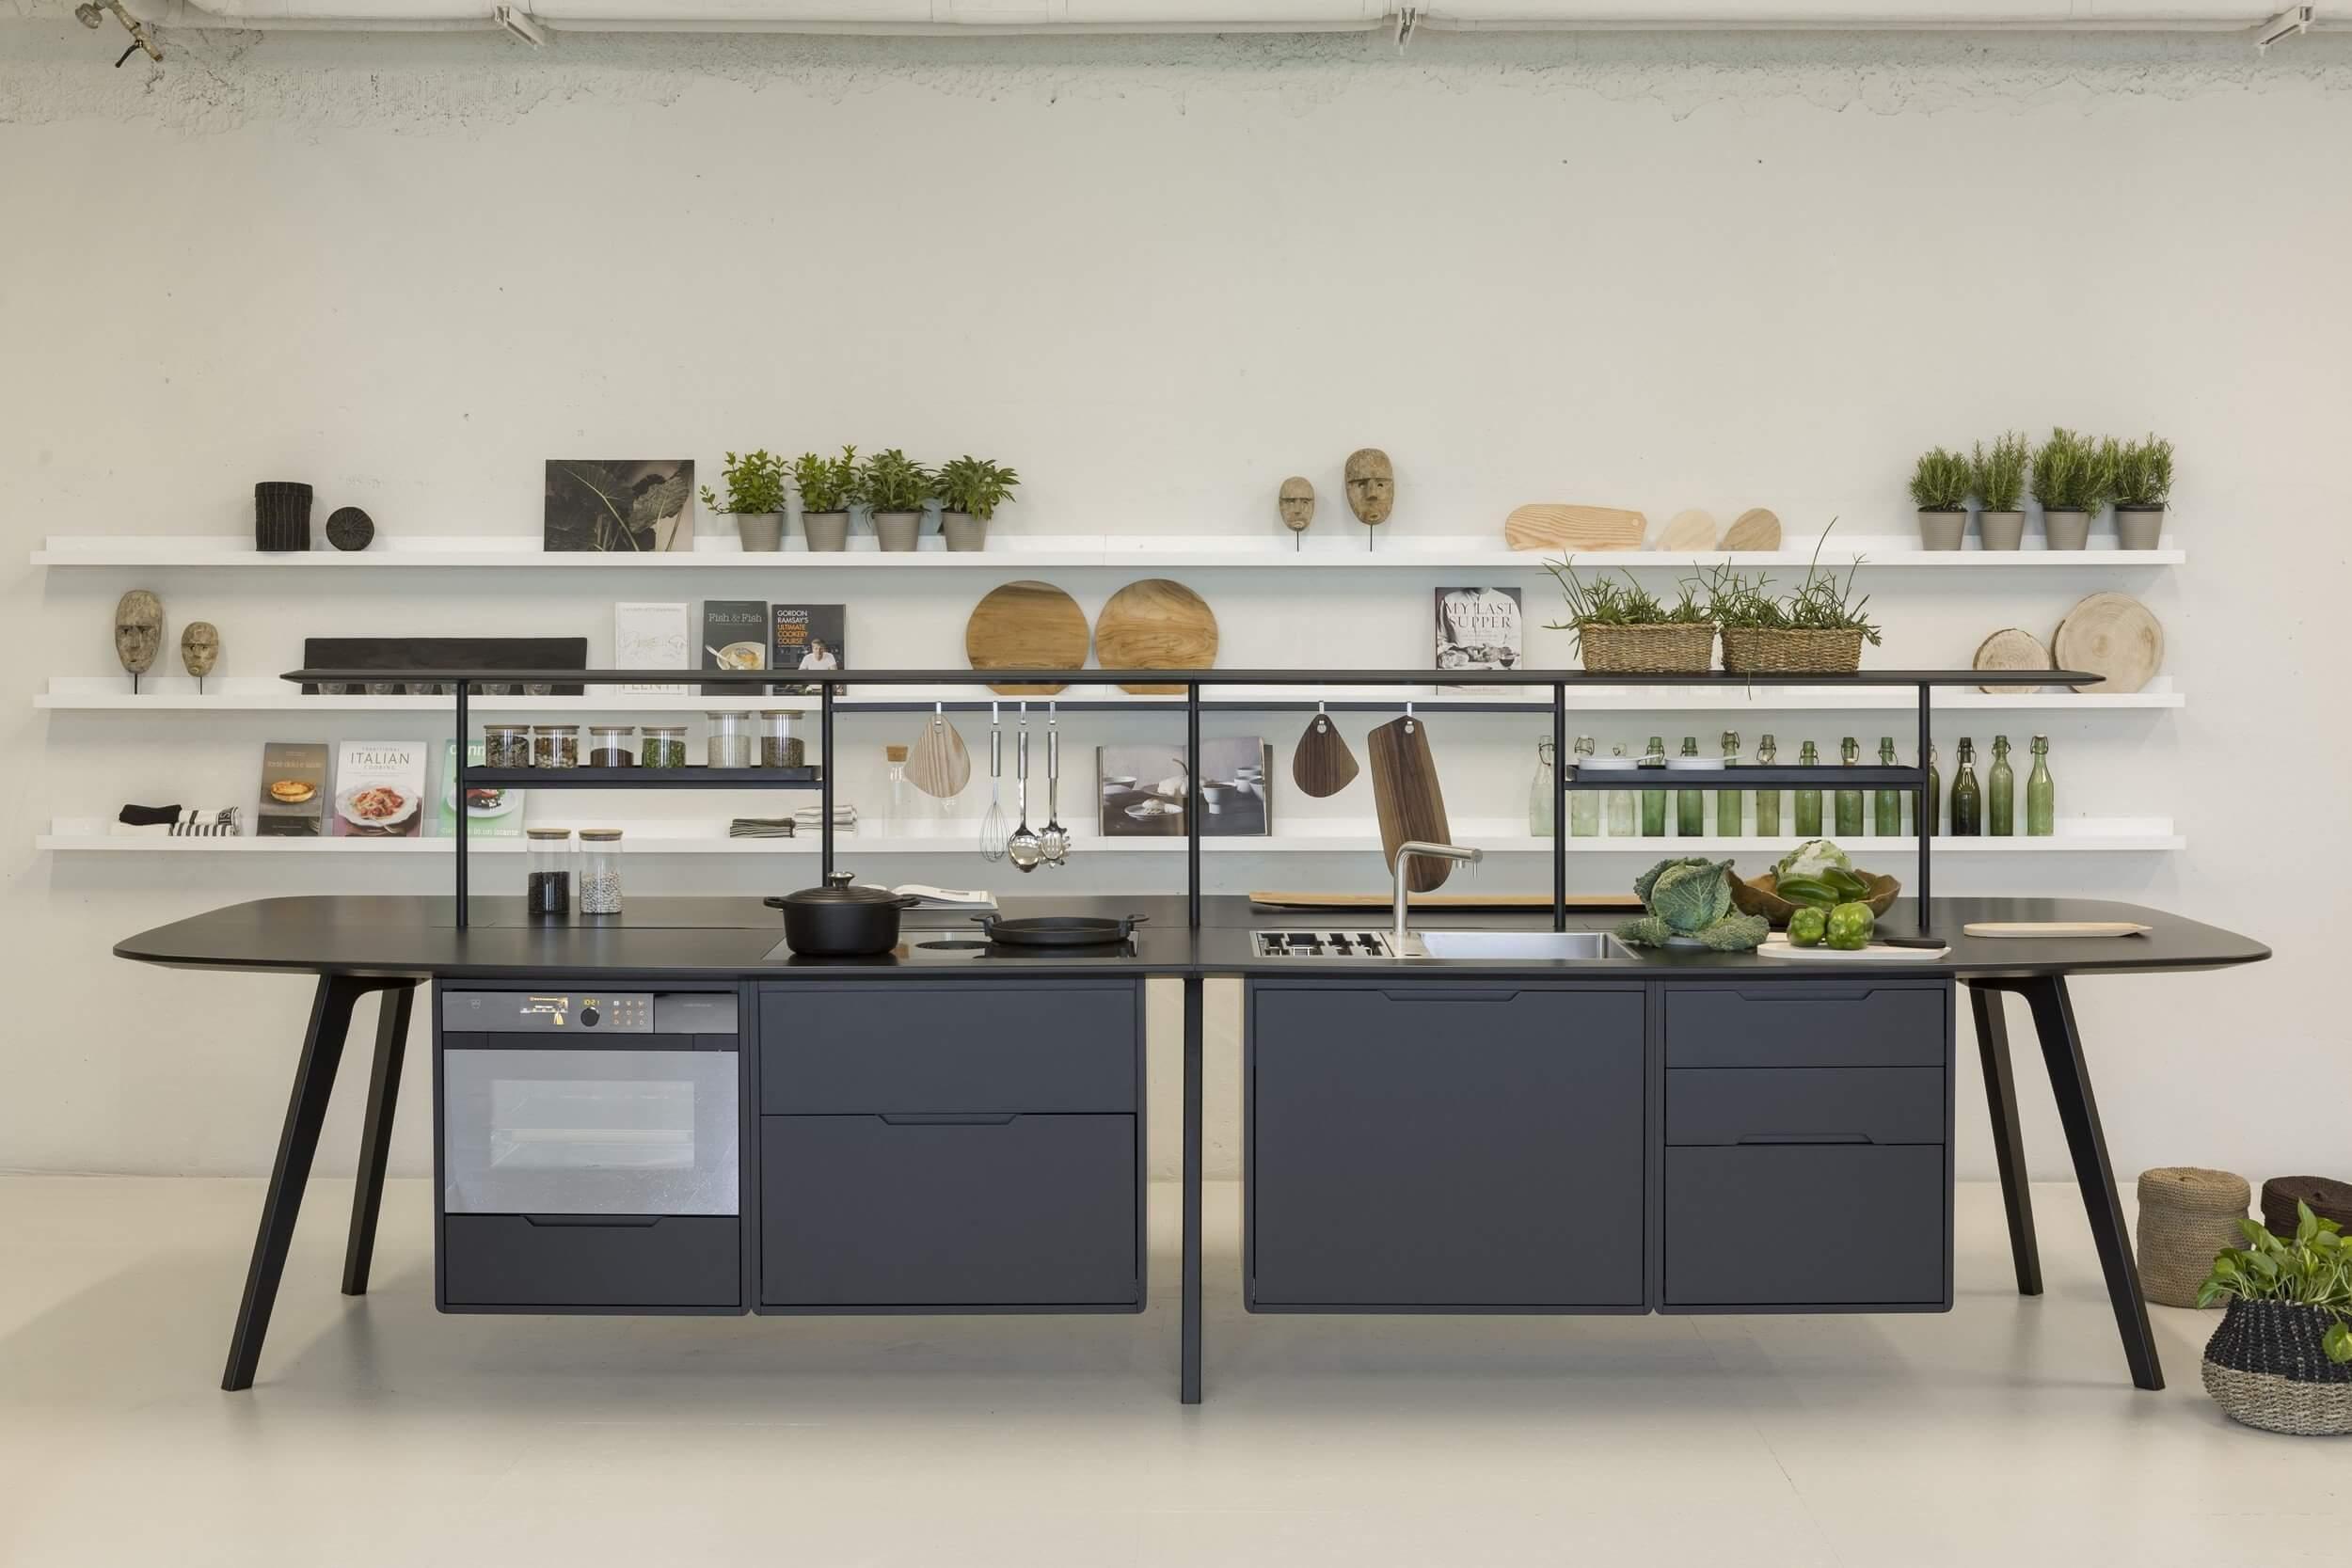 Cuisine équipée design clé en main pour les entreprises WING KITCHEN